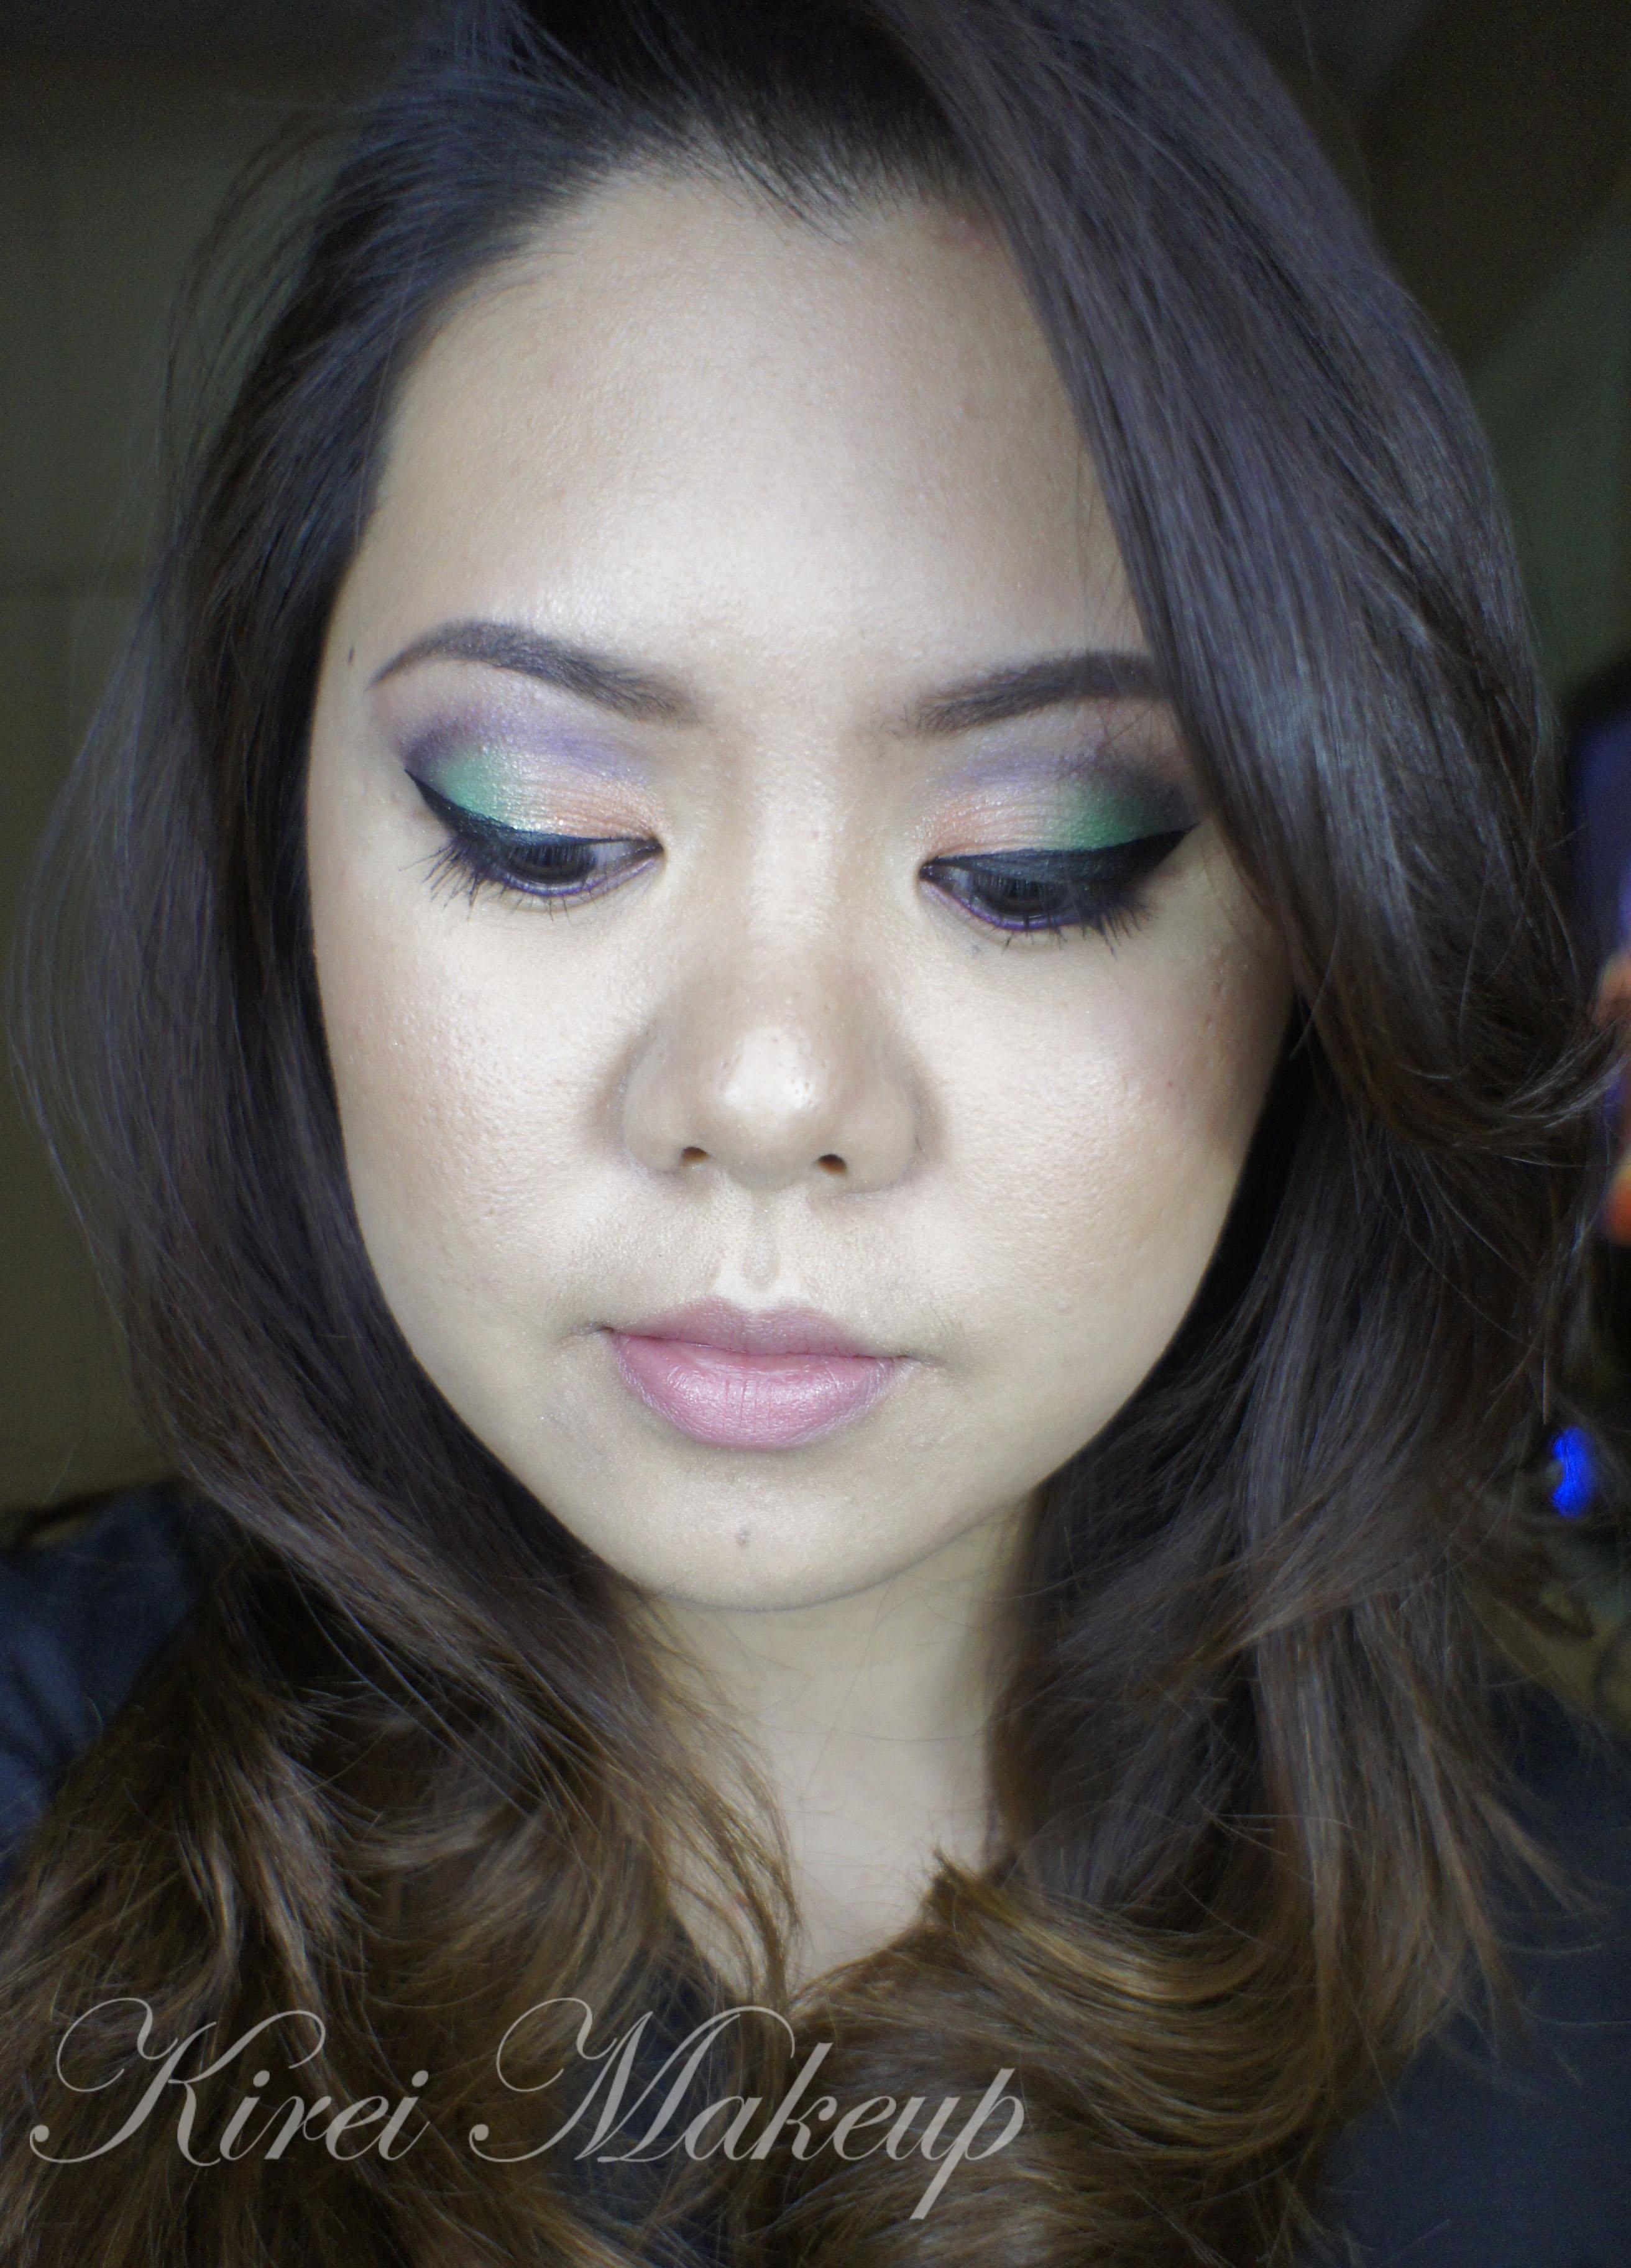 154a05c8a74 purple makeup Archives - Kirei Makeup